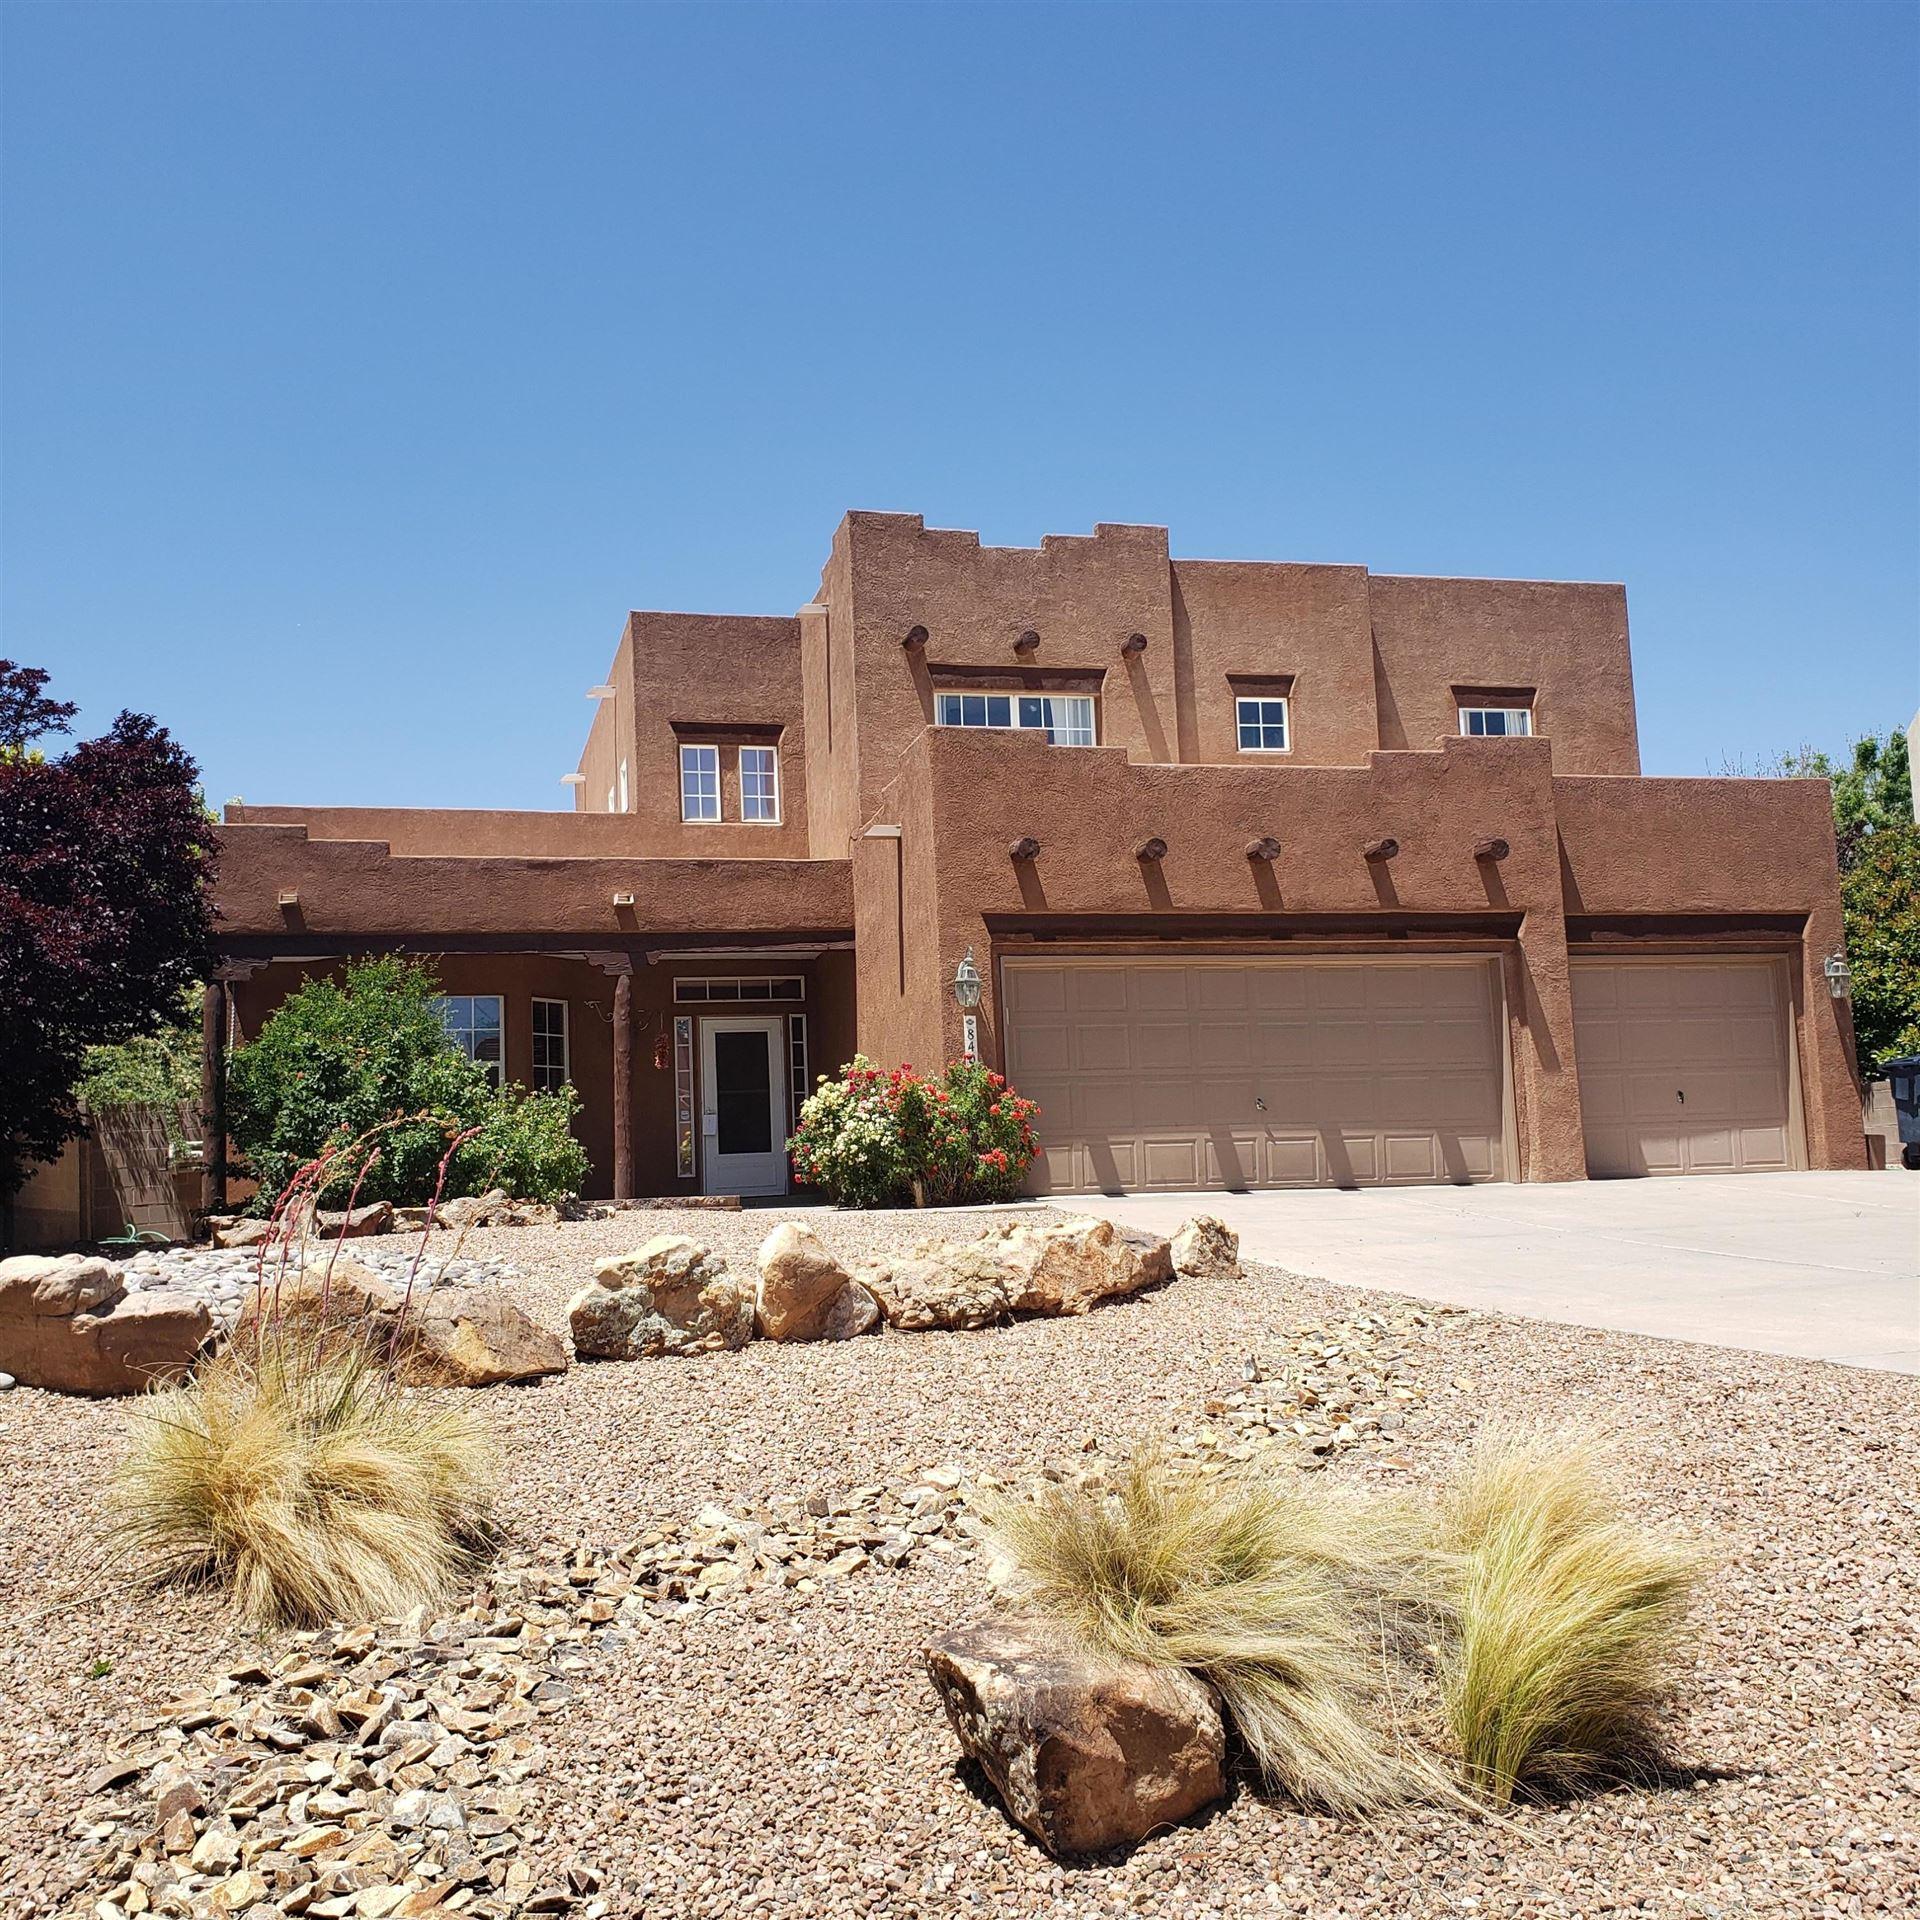 8409 RANCHO VERANO Court NW, Albuquerque, NM 87120 - MLS#: 969124